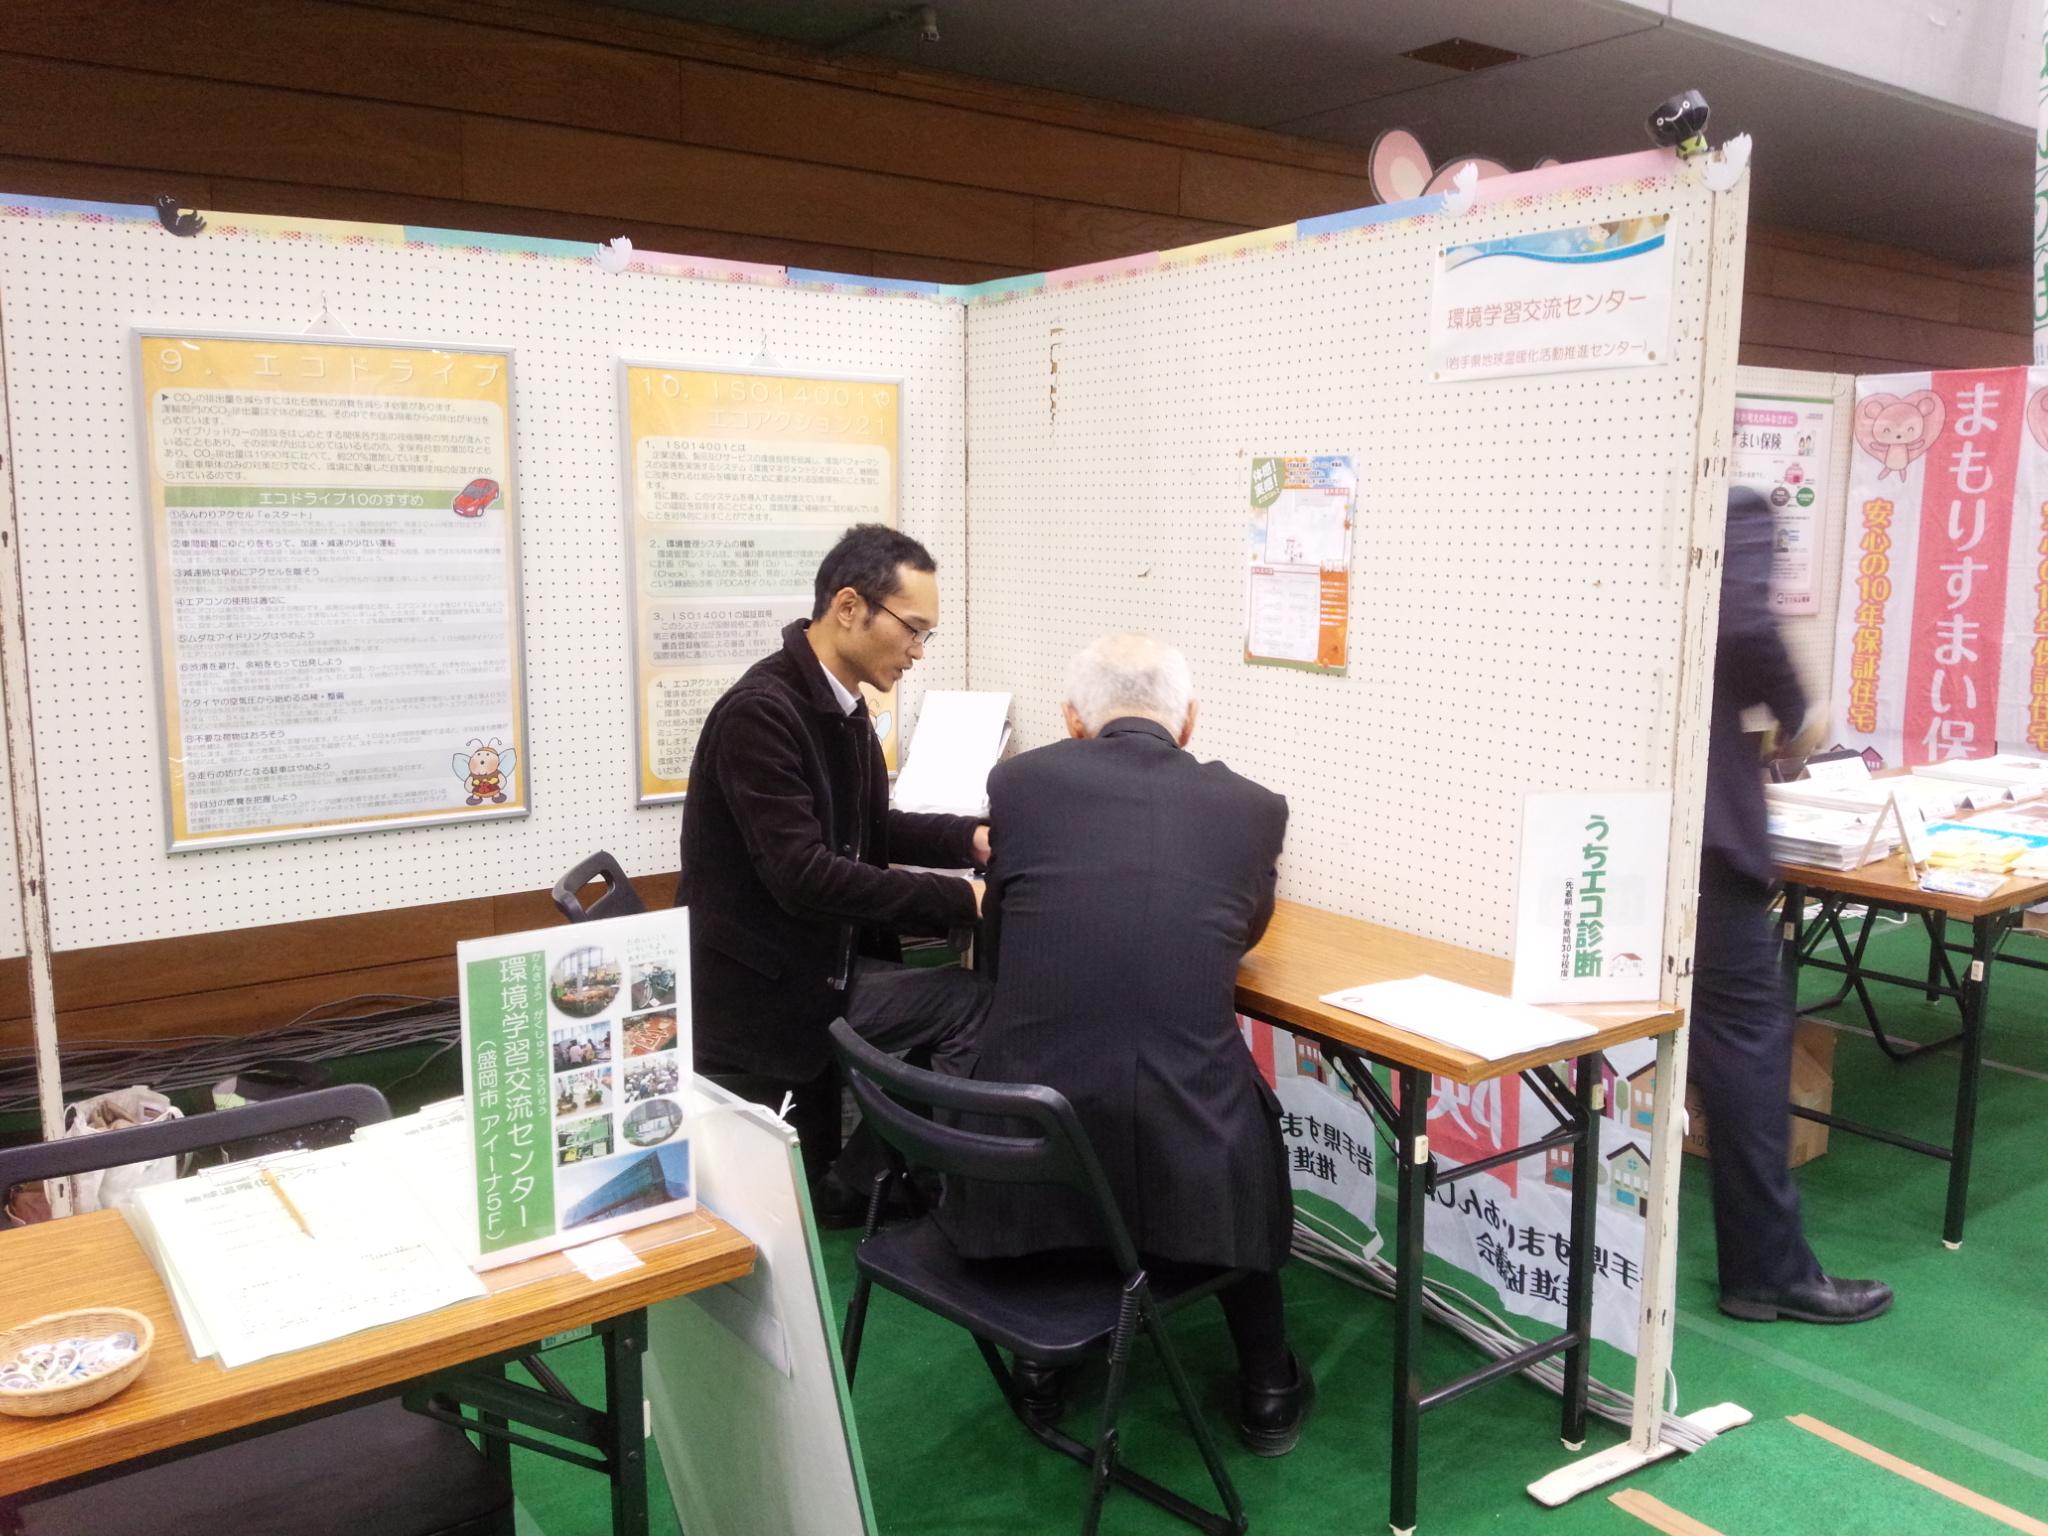 http://blog.iwate-eco.jp/H281030_2.jpg